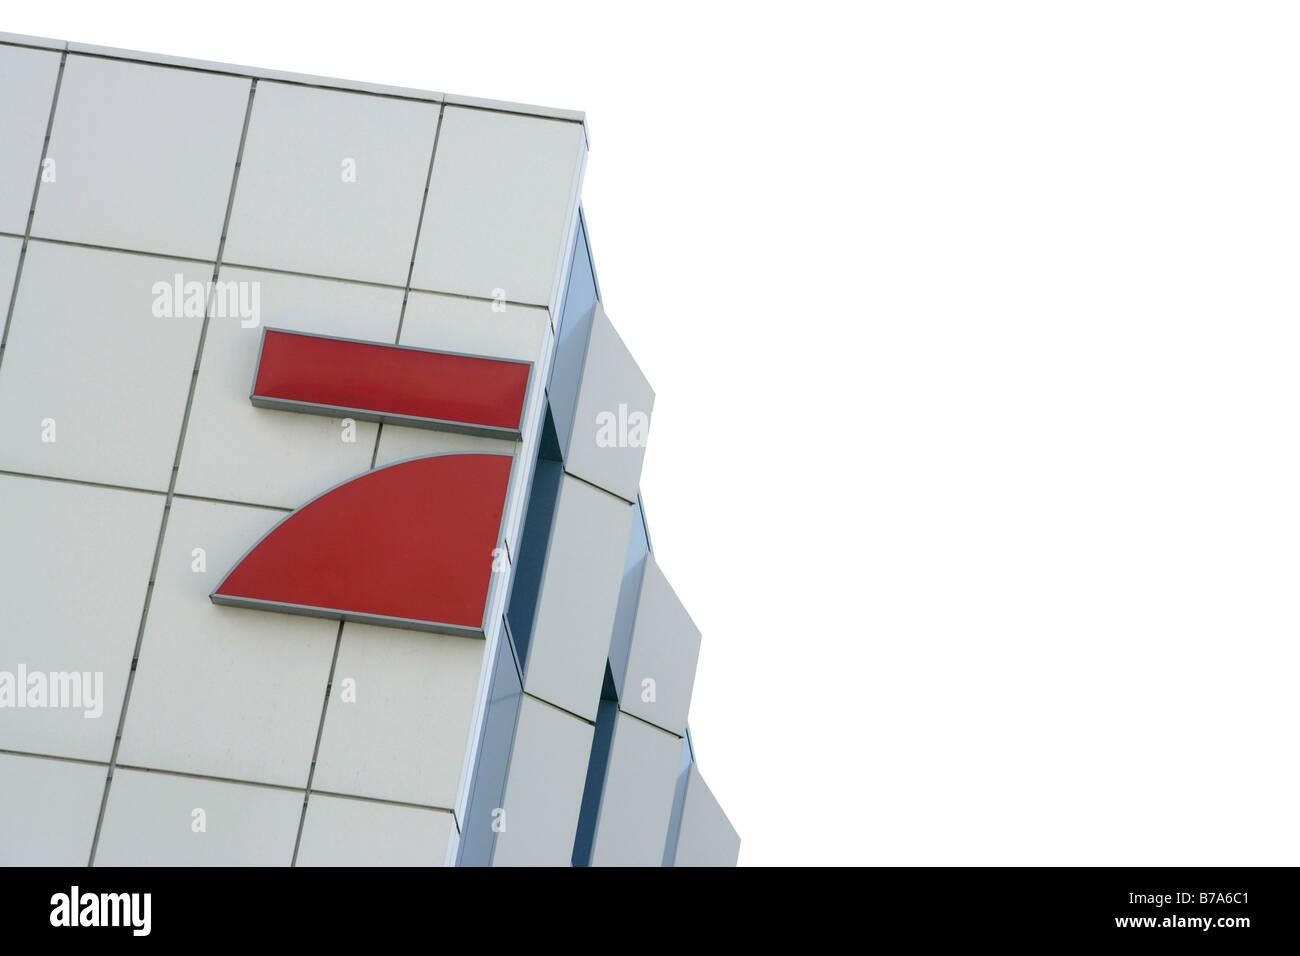 Premiere World Company Headquarters in Medienallee Straße in Unterföhring bei München, Bayern, Deutschland, Stockbild